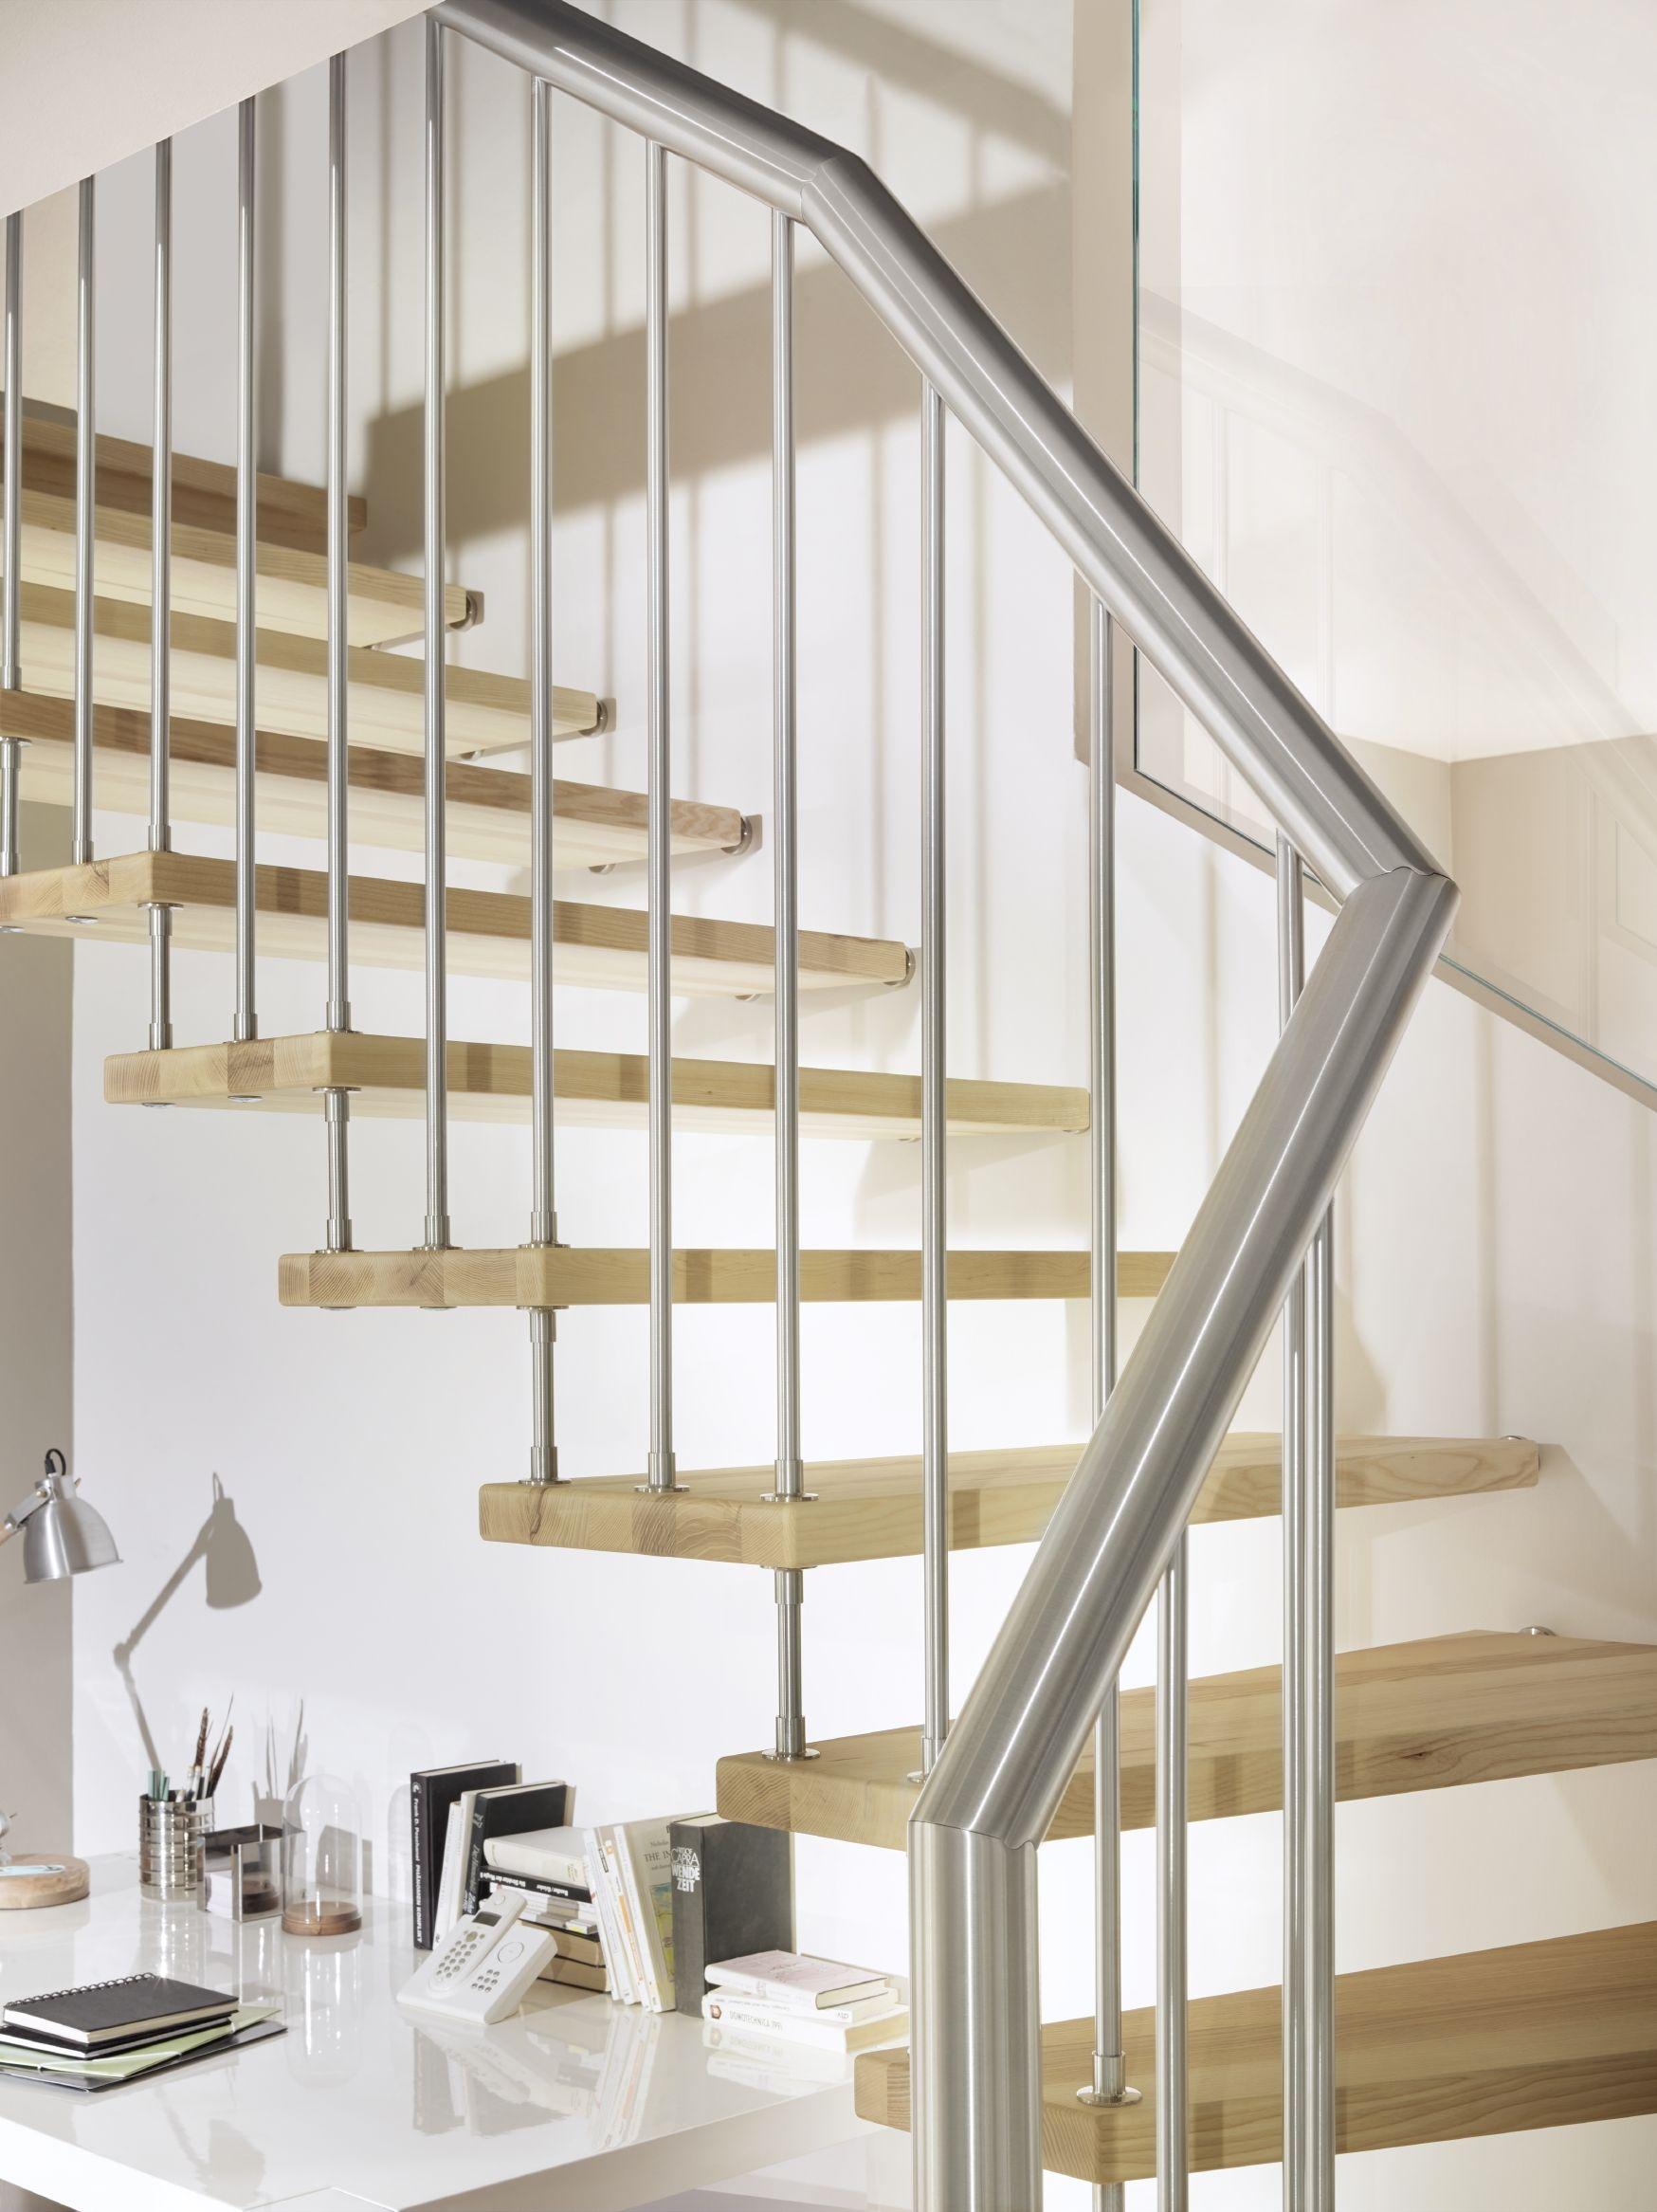 Rampe D Escalier Murale Bois fabricant et créateur d'escaliers design | escalier suspendu